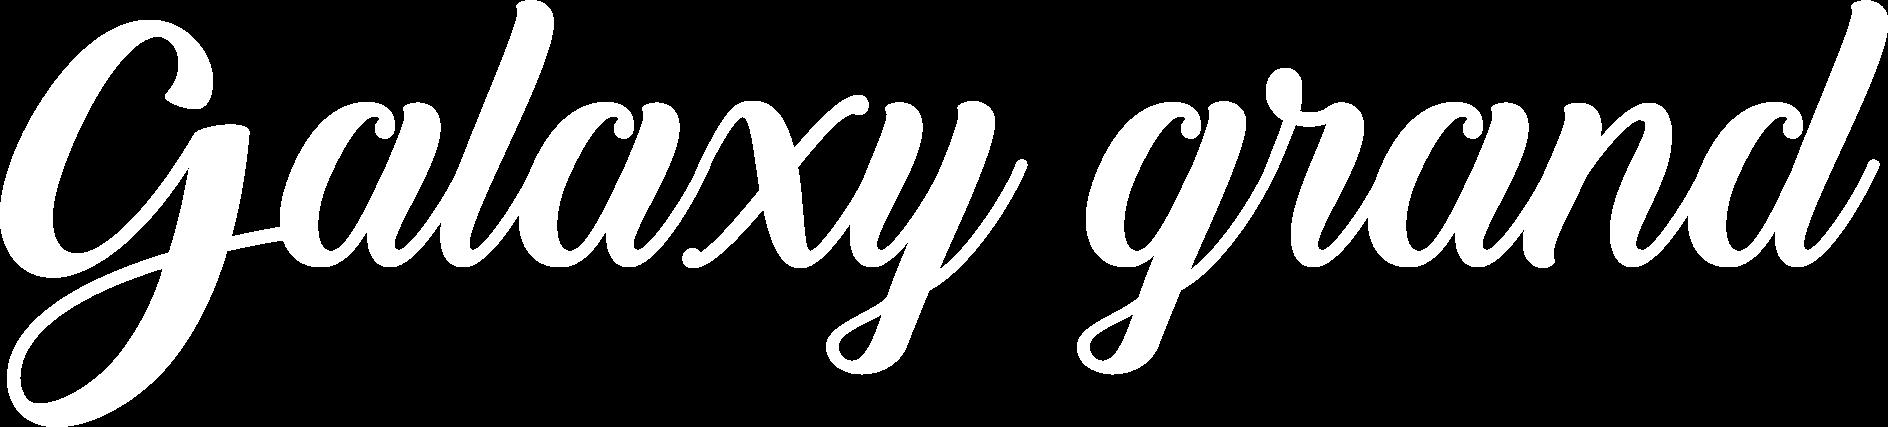 galaxygrand